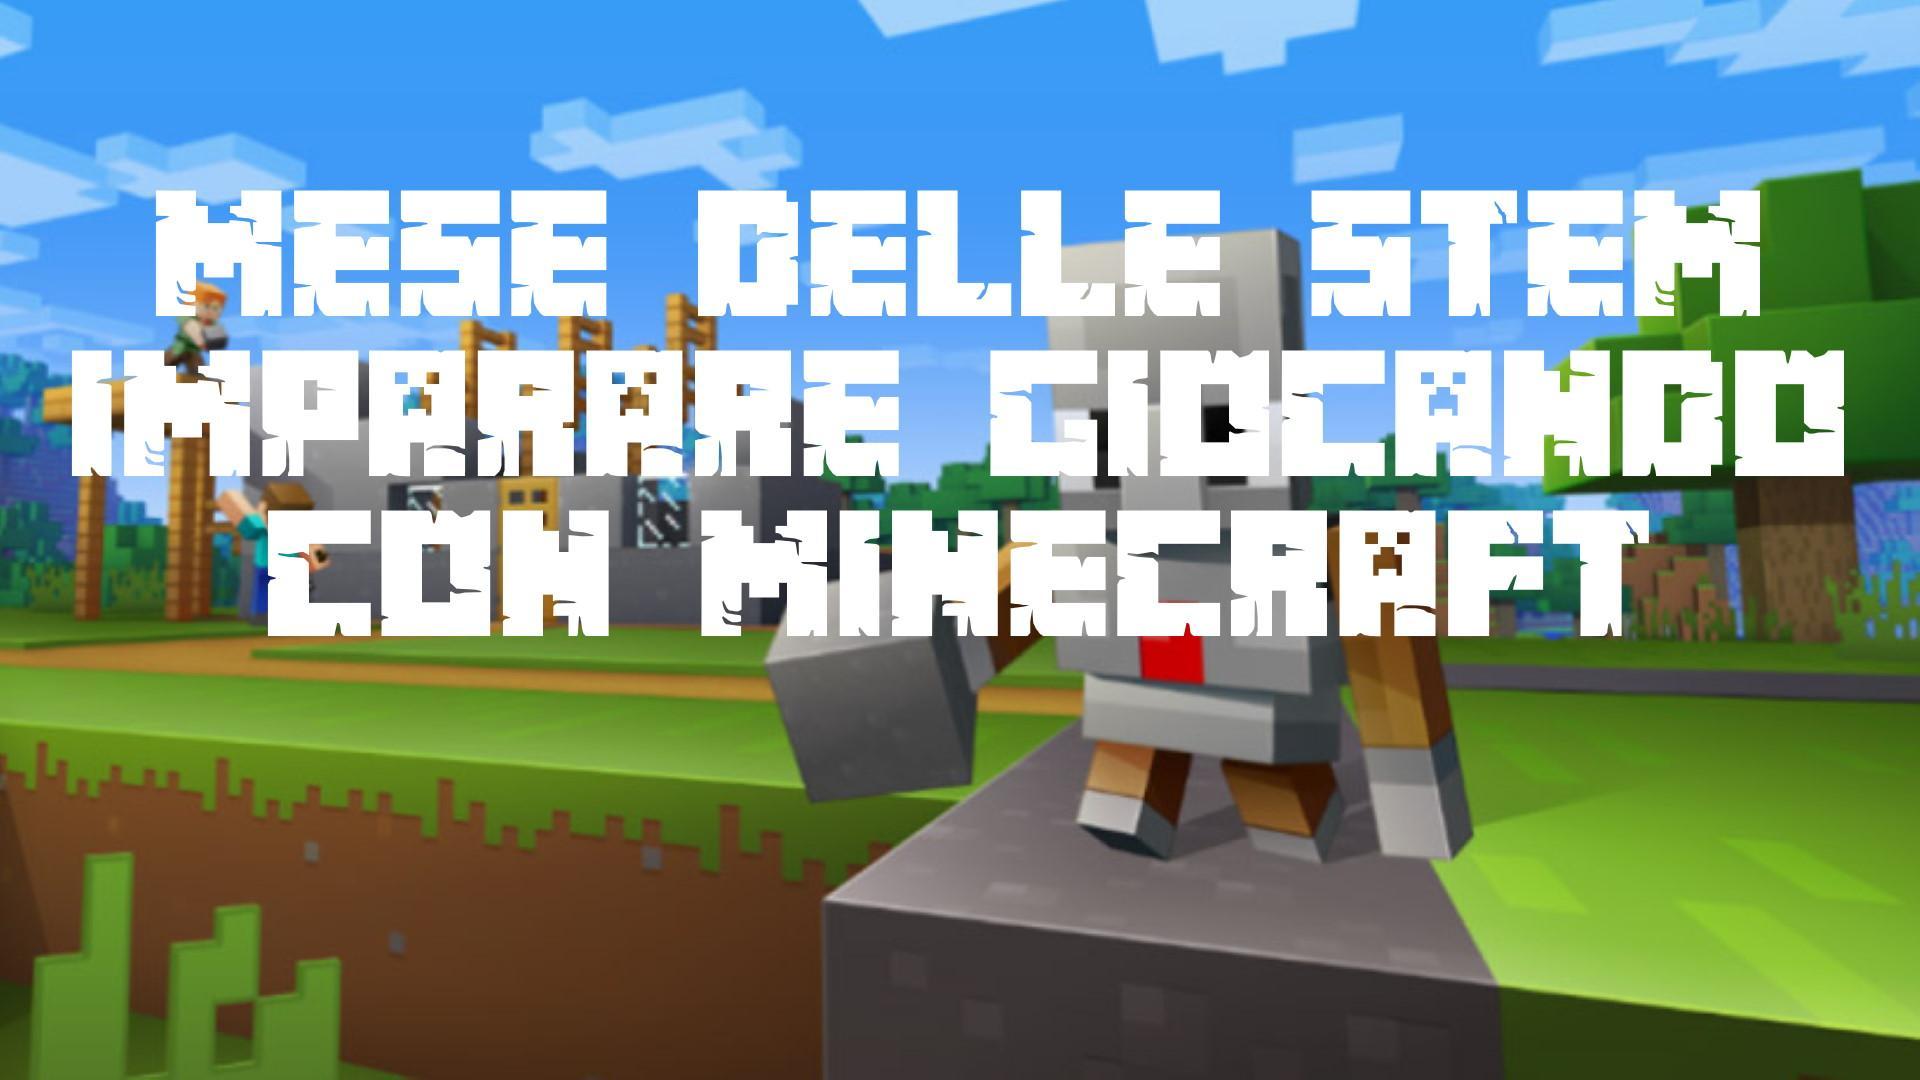 🏆Contest idee e progetti Bando Mese delle STEM 2020 ⛏️Imparare giocando con Minecraft 4